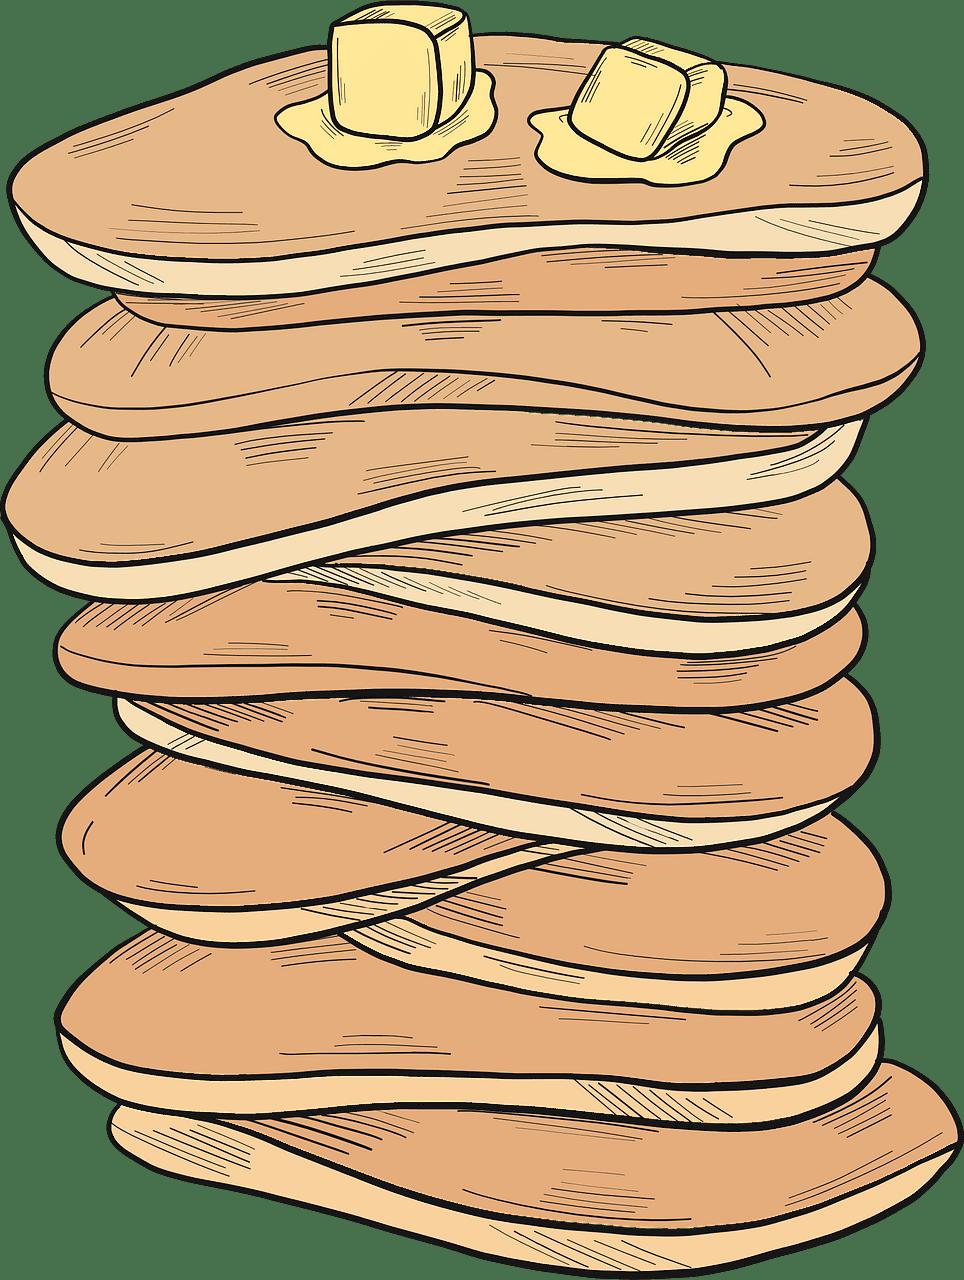 Pancakes clipart transparent image